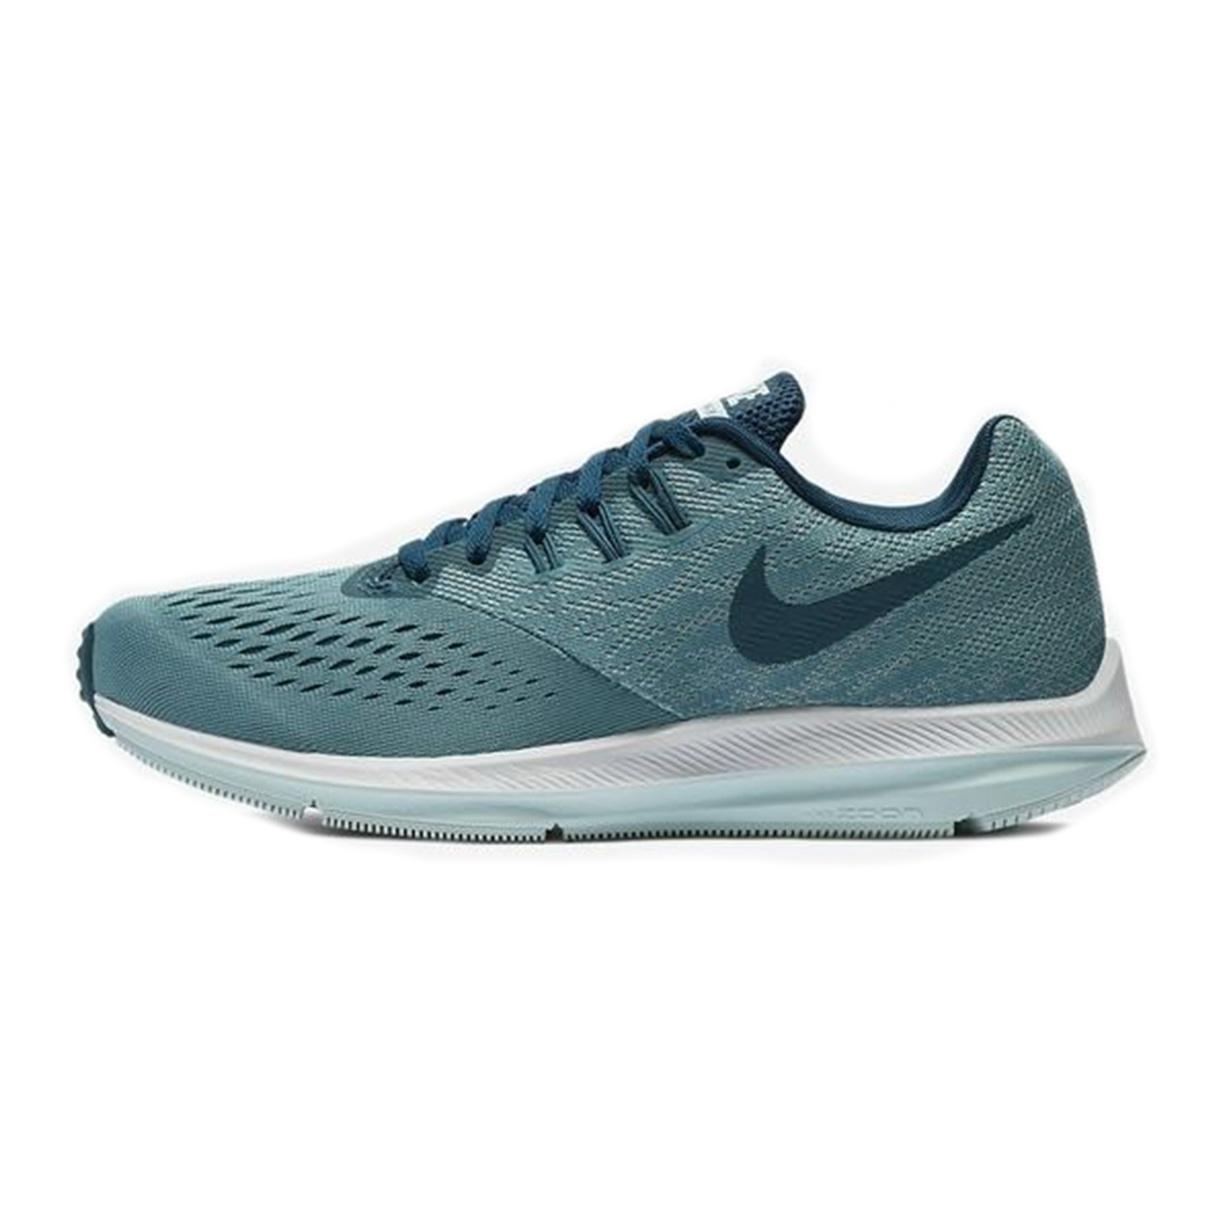 تصویر کفش مخصوص دویدن زنانه نایکی 898485-403